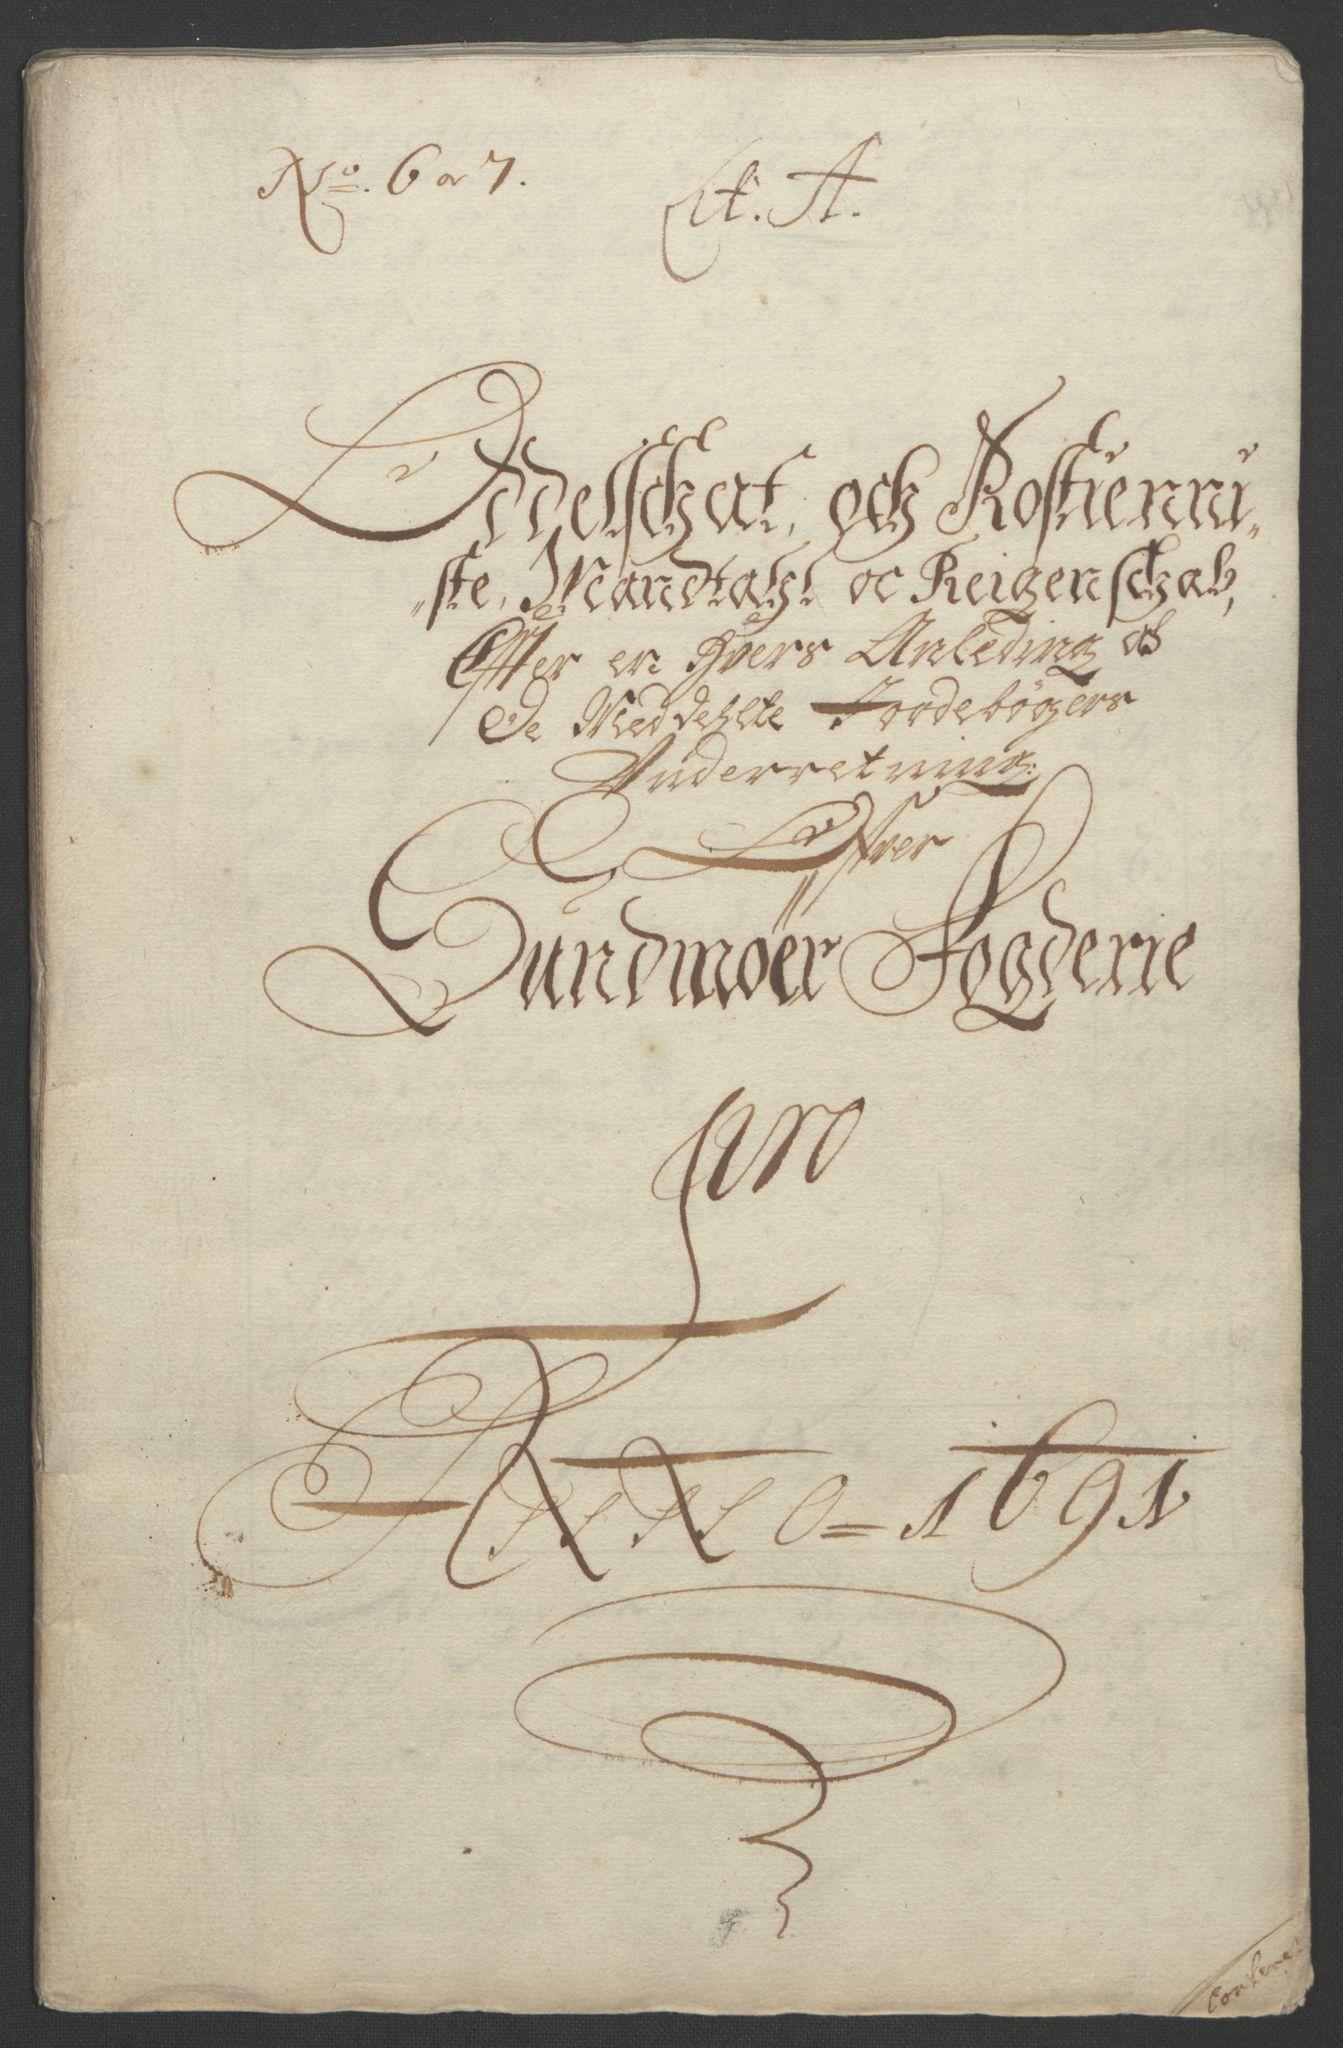 RA, Rentekammeret inntil 1814, Reviderte regnskaper, Fogderegnskap, R54/L3554: Fogderegnskap Sunnmøre, 1691-1693, s. 28